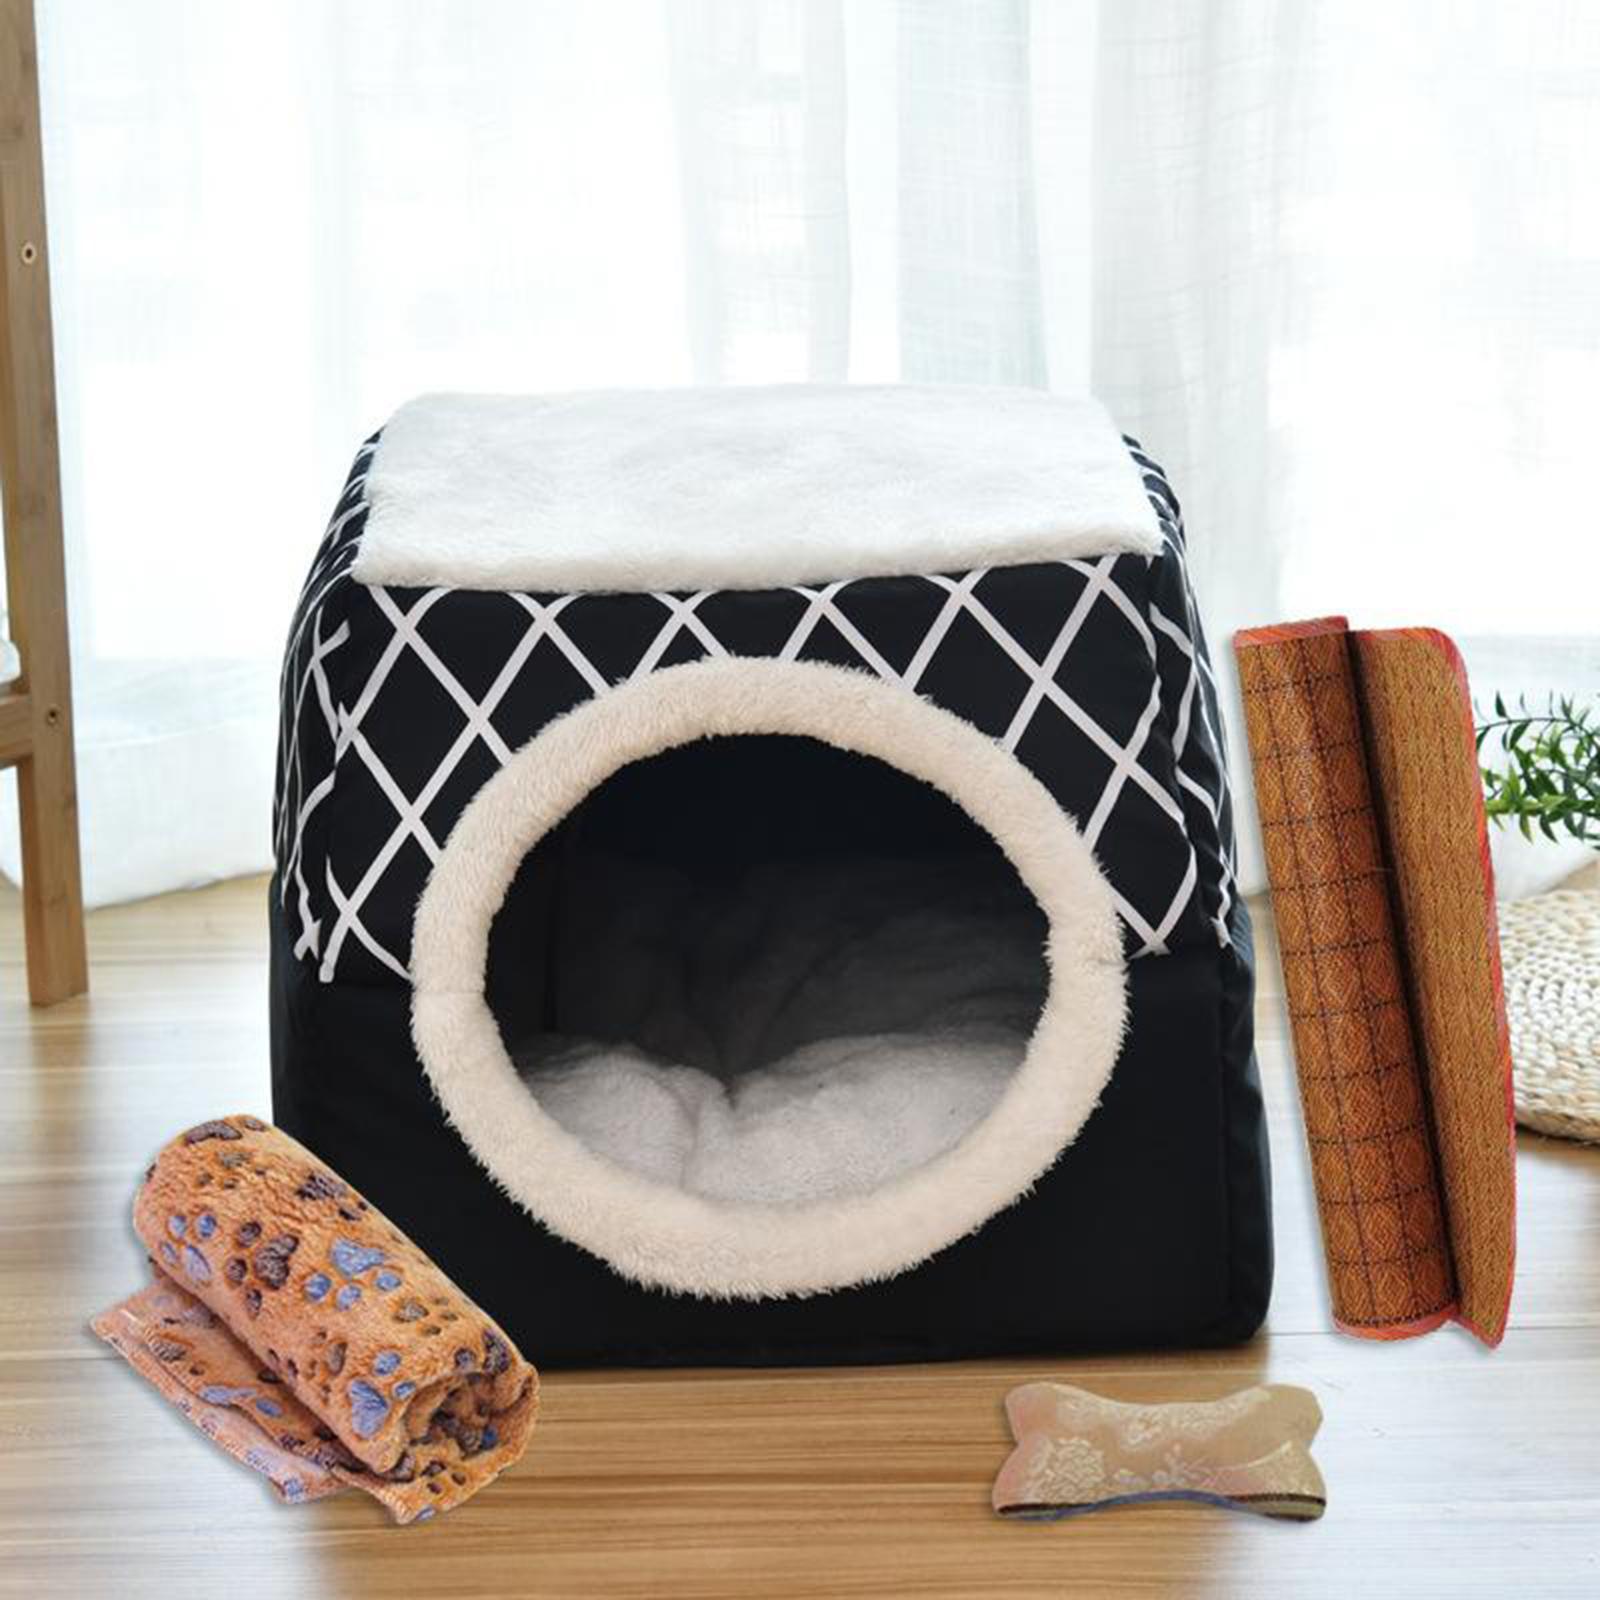 Indexbild 41 - 2-in-1-Weichen-Katzen-Haus-Schlafen-Bett-Zwinger-Puppy-Cave-Warme-Nest-Matte